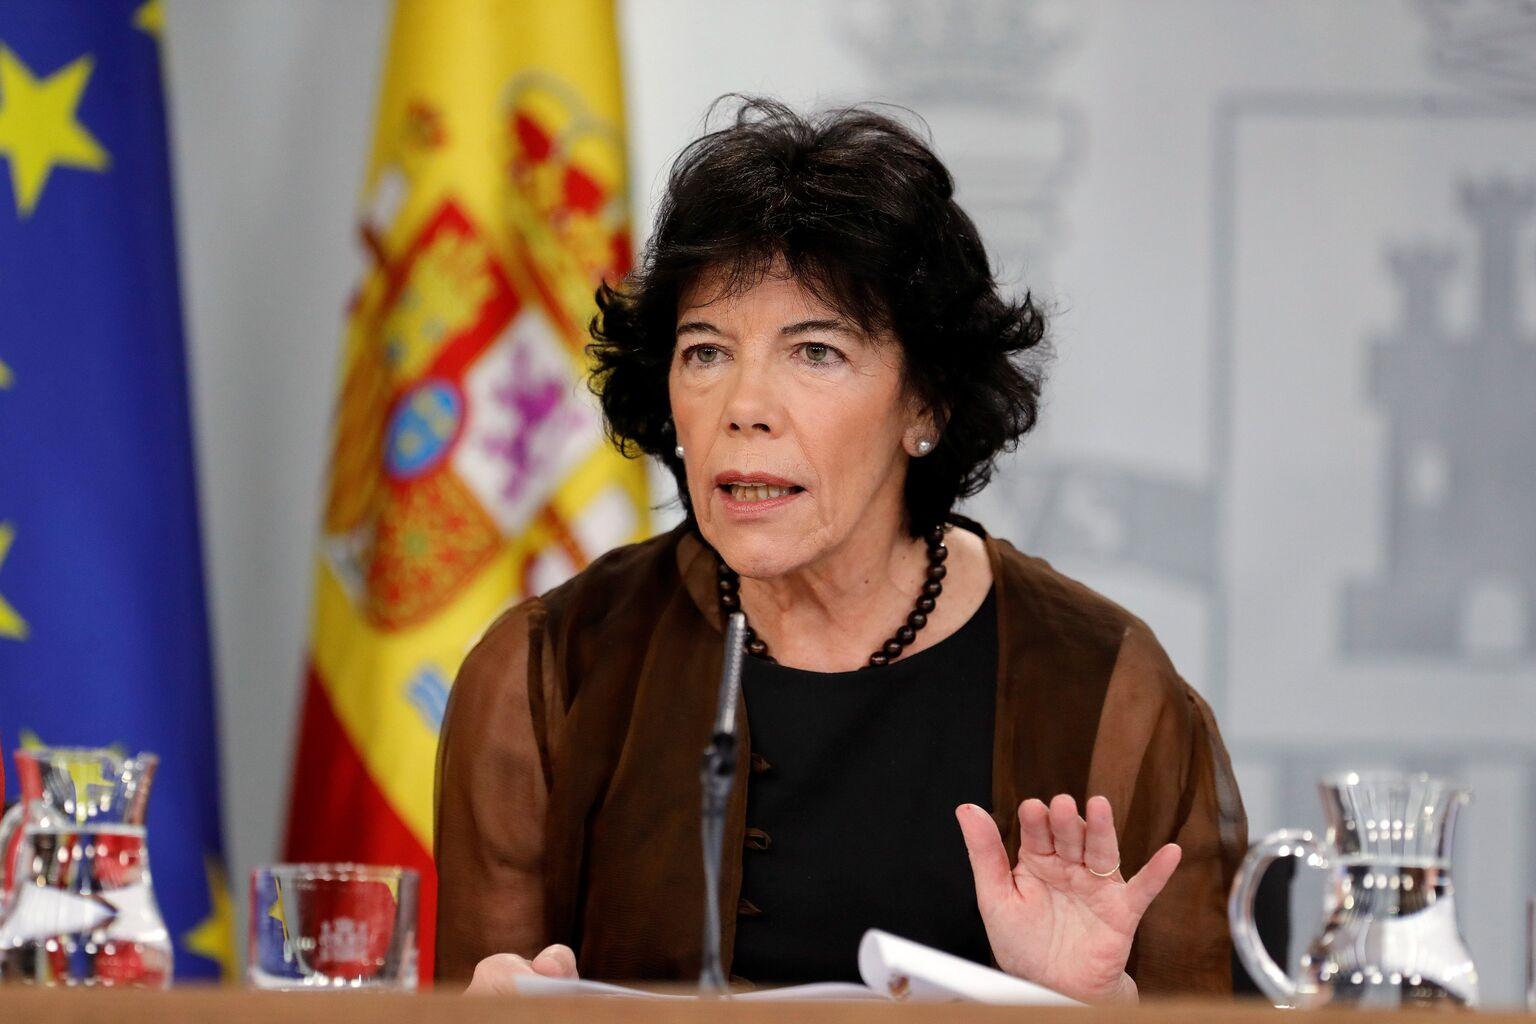 الحكومة الإسبانية تصف استقالة رئيسة الوزراء البريطانية بالخبر السيئ